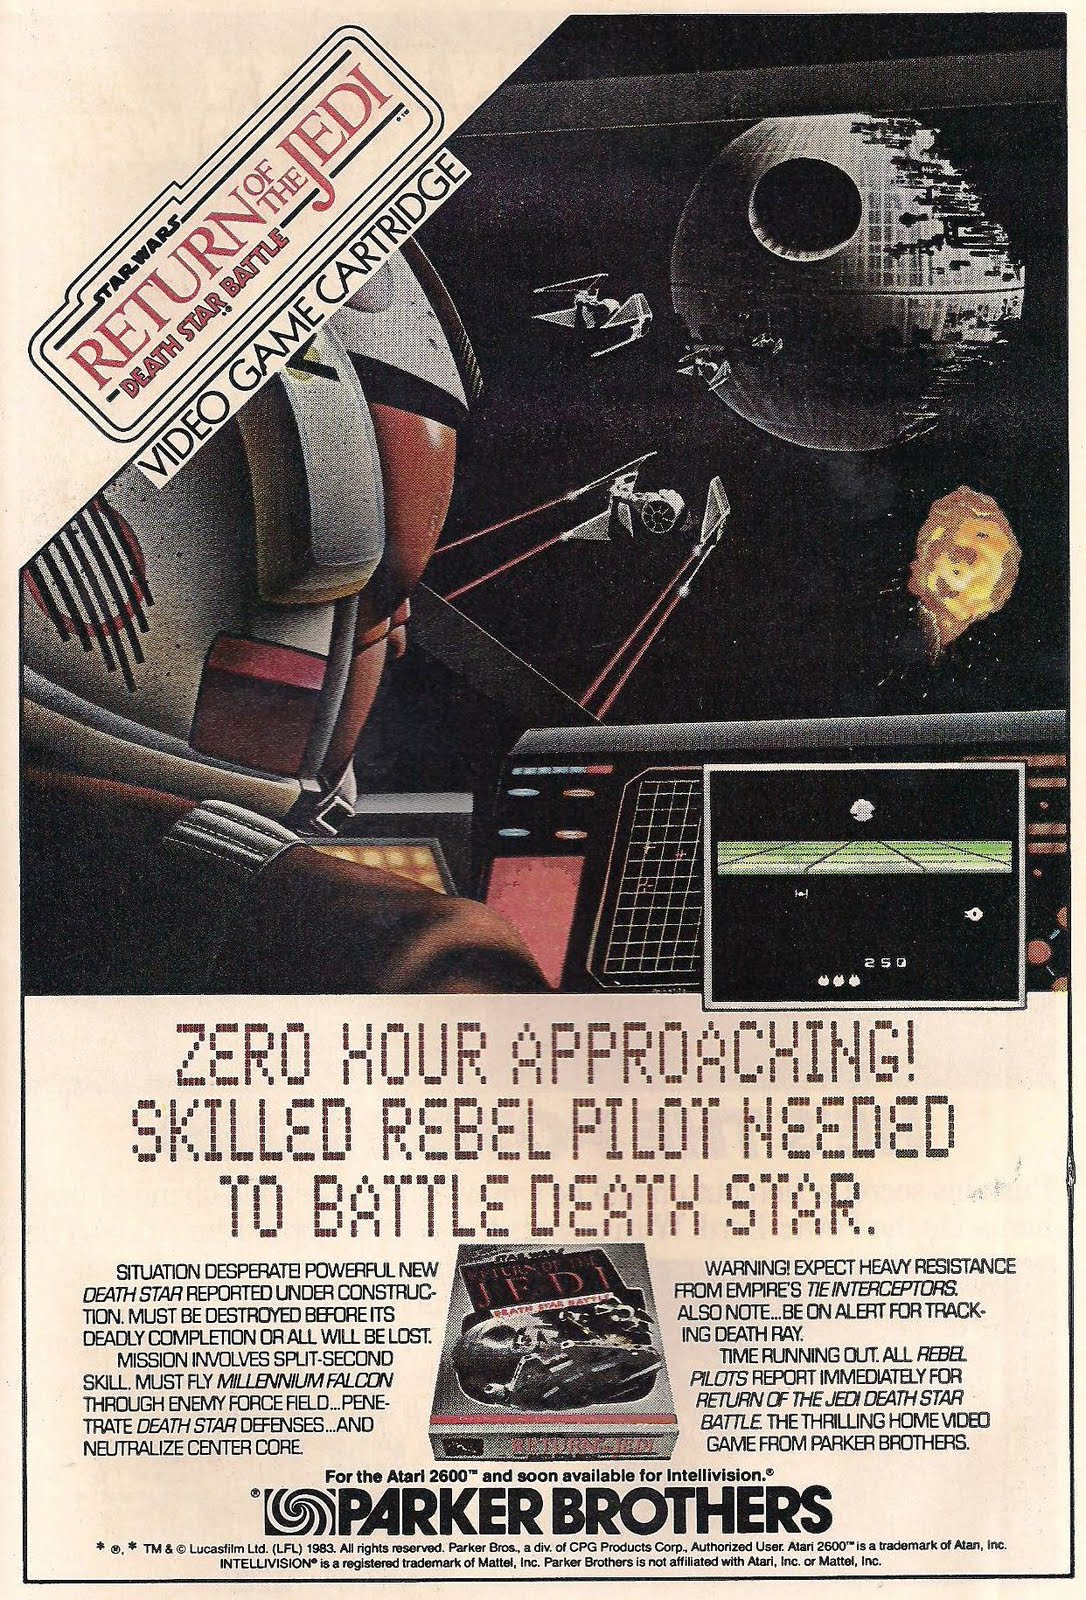 sw+rotj+death+star+battle+ad+1984+001.jpg